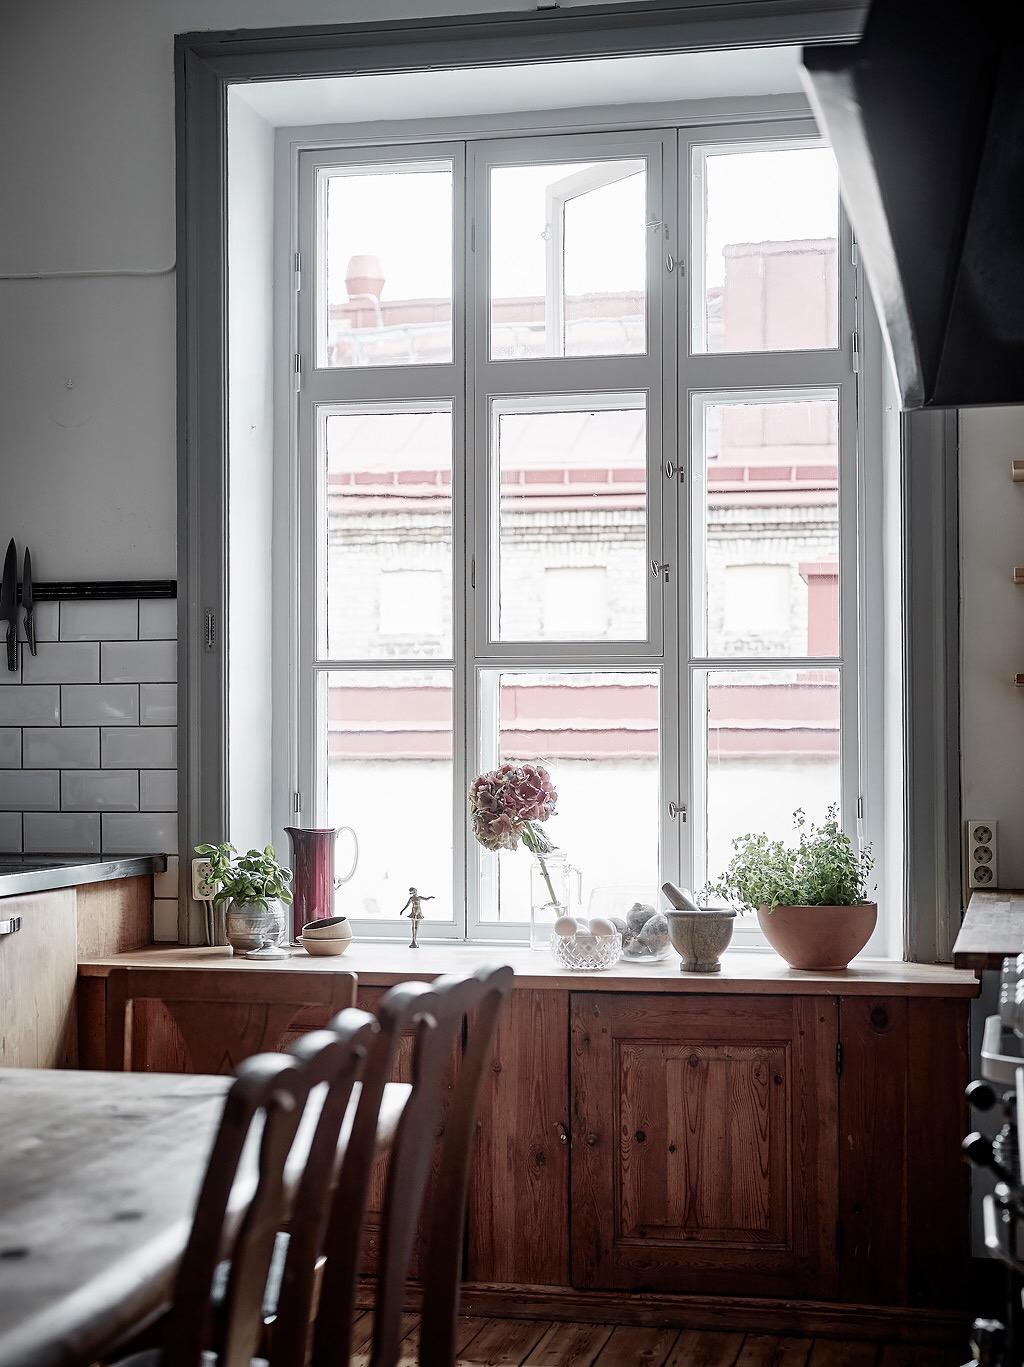 кухня окно наличники комод